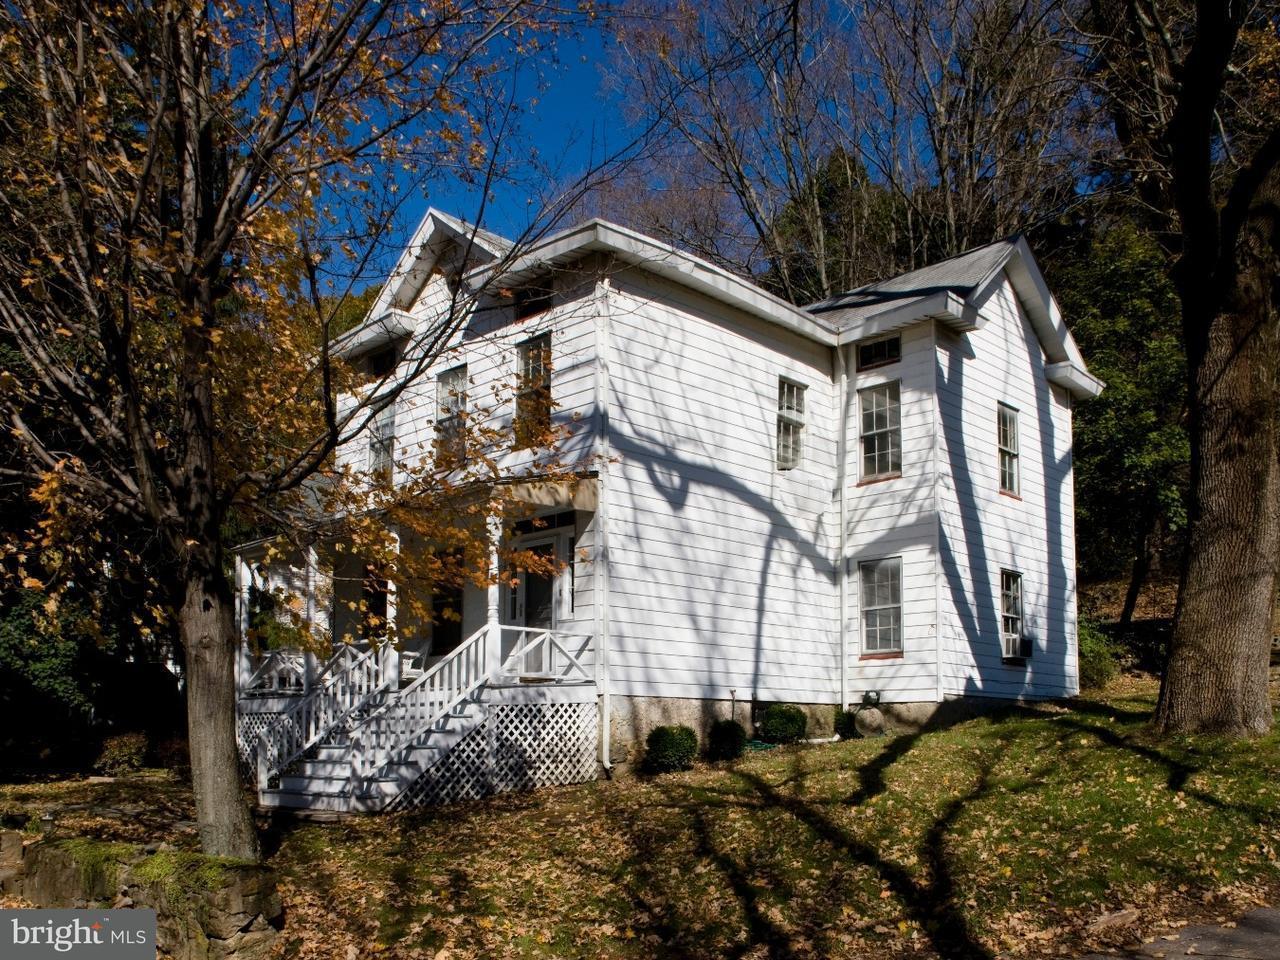 Частный односемейный дом для того Продажа на 7 CHURCH Street Glen Gardner, Нью-Джерси 08826 Соединенные Штаты